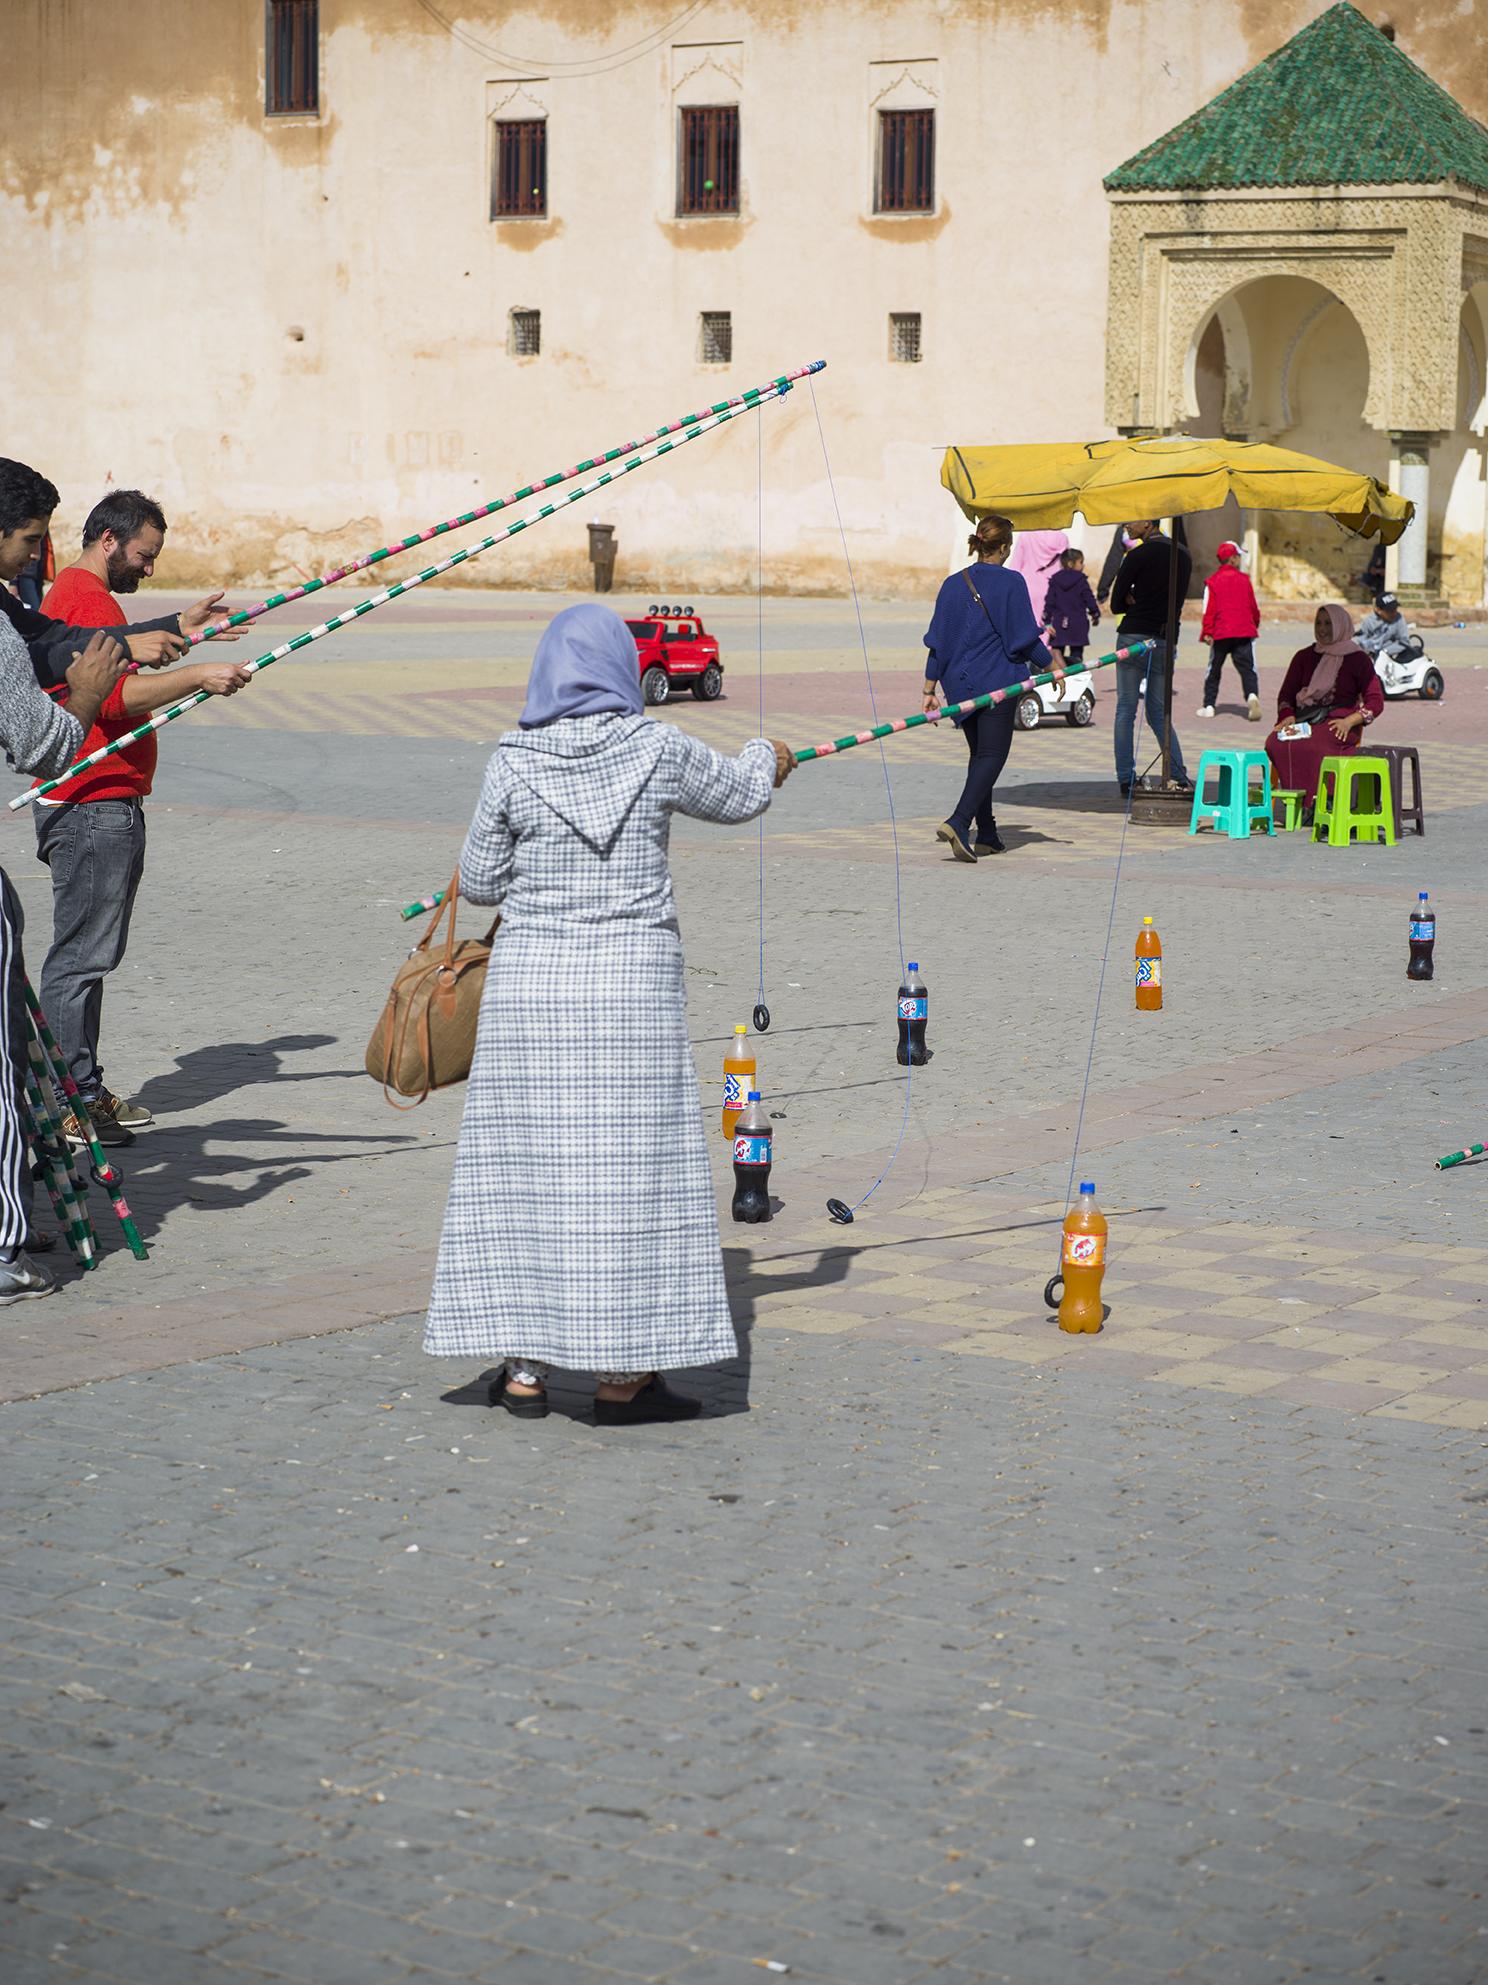 Fes, Morocco. November 2018.